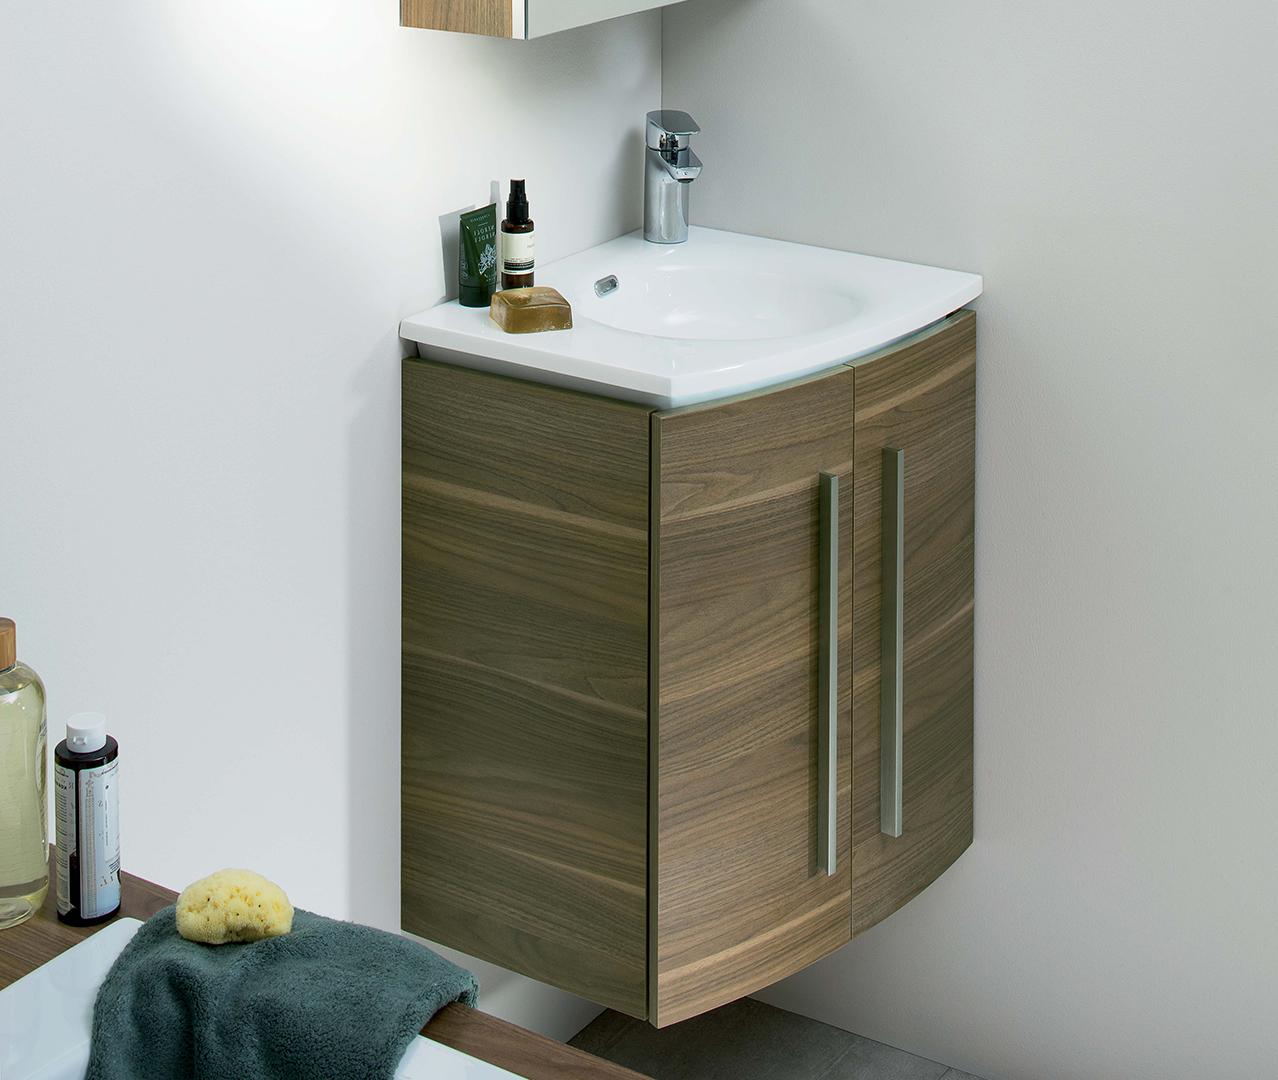 Gamme soon meuble salle de bain original sanijura for Meuble sdb original